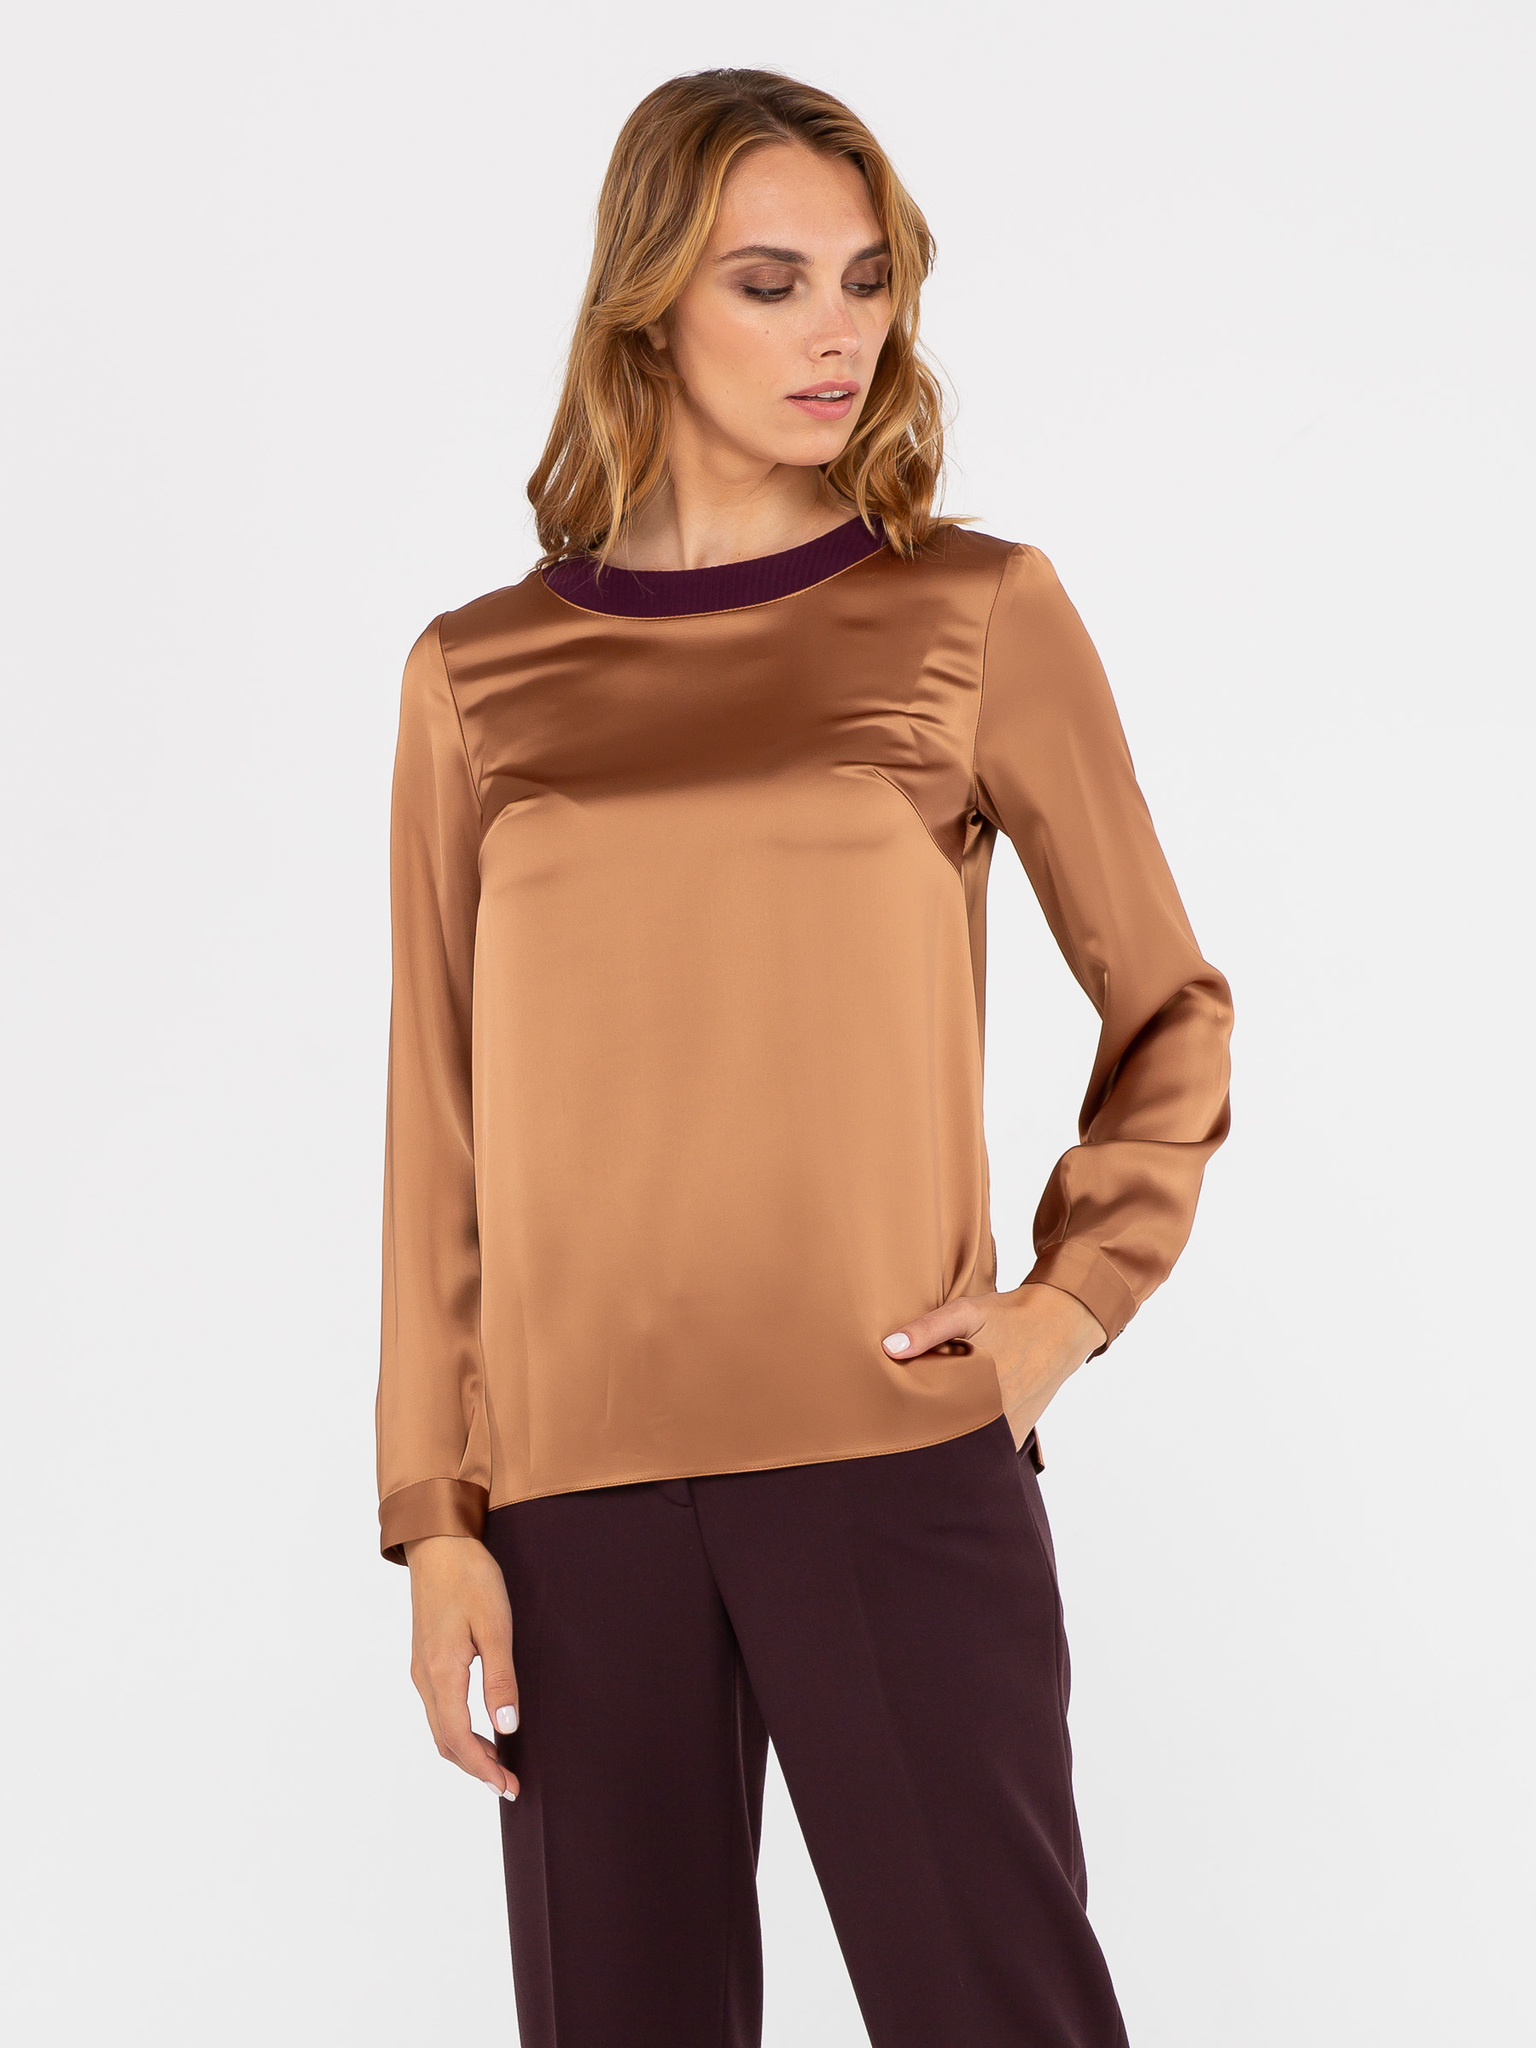 Блуза Г564-160 - Атласная блуза прямого силуэта с длинным рукавом. Округлый вырез горловины обработан контрастной рельефной тканью. Можно носить как на выпуск, так и заправлять в юбку или брюки. С этой моделью легко создать элегантный вечерний или деловой, для работы, образ.